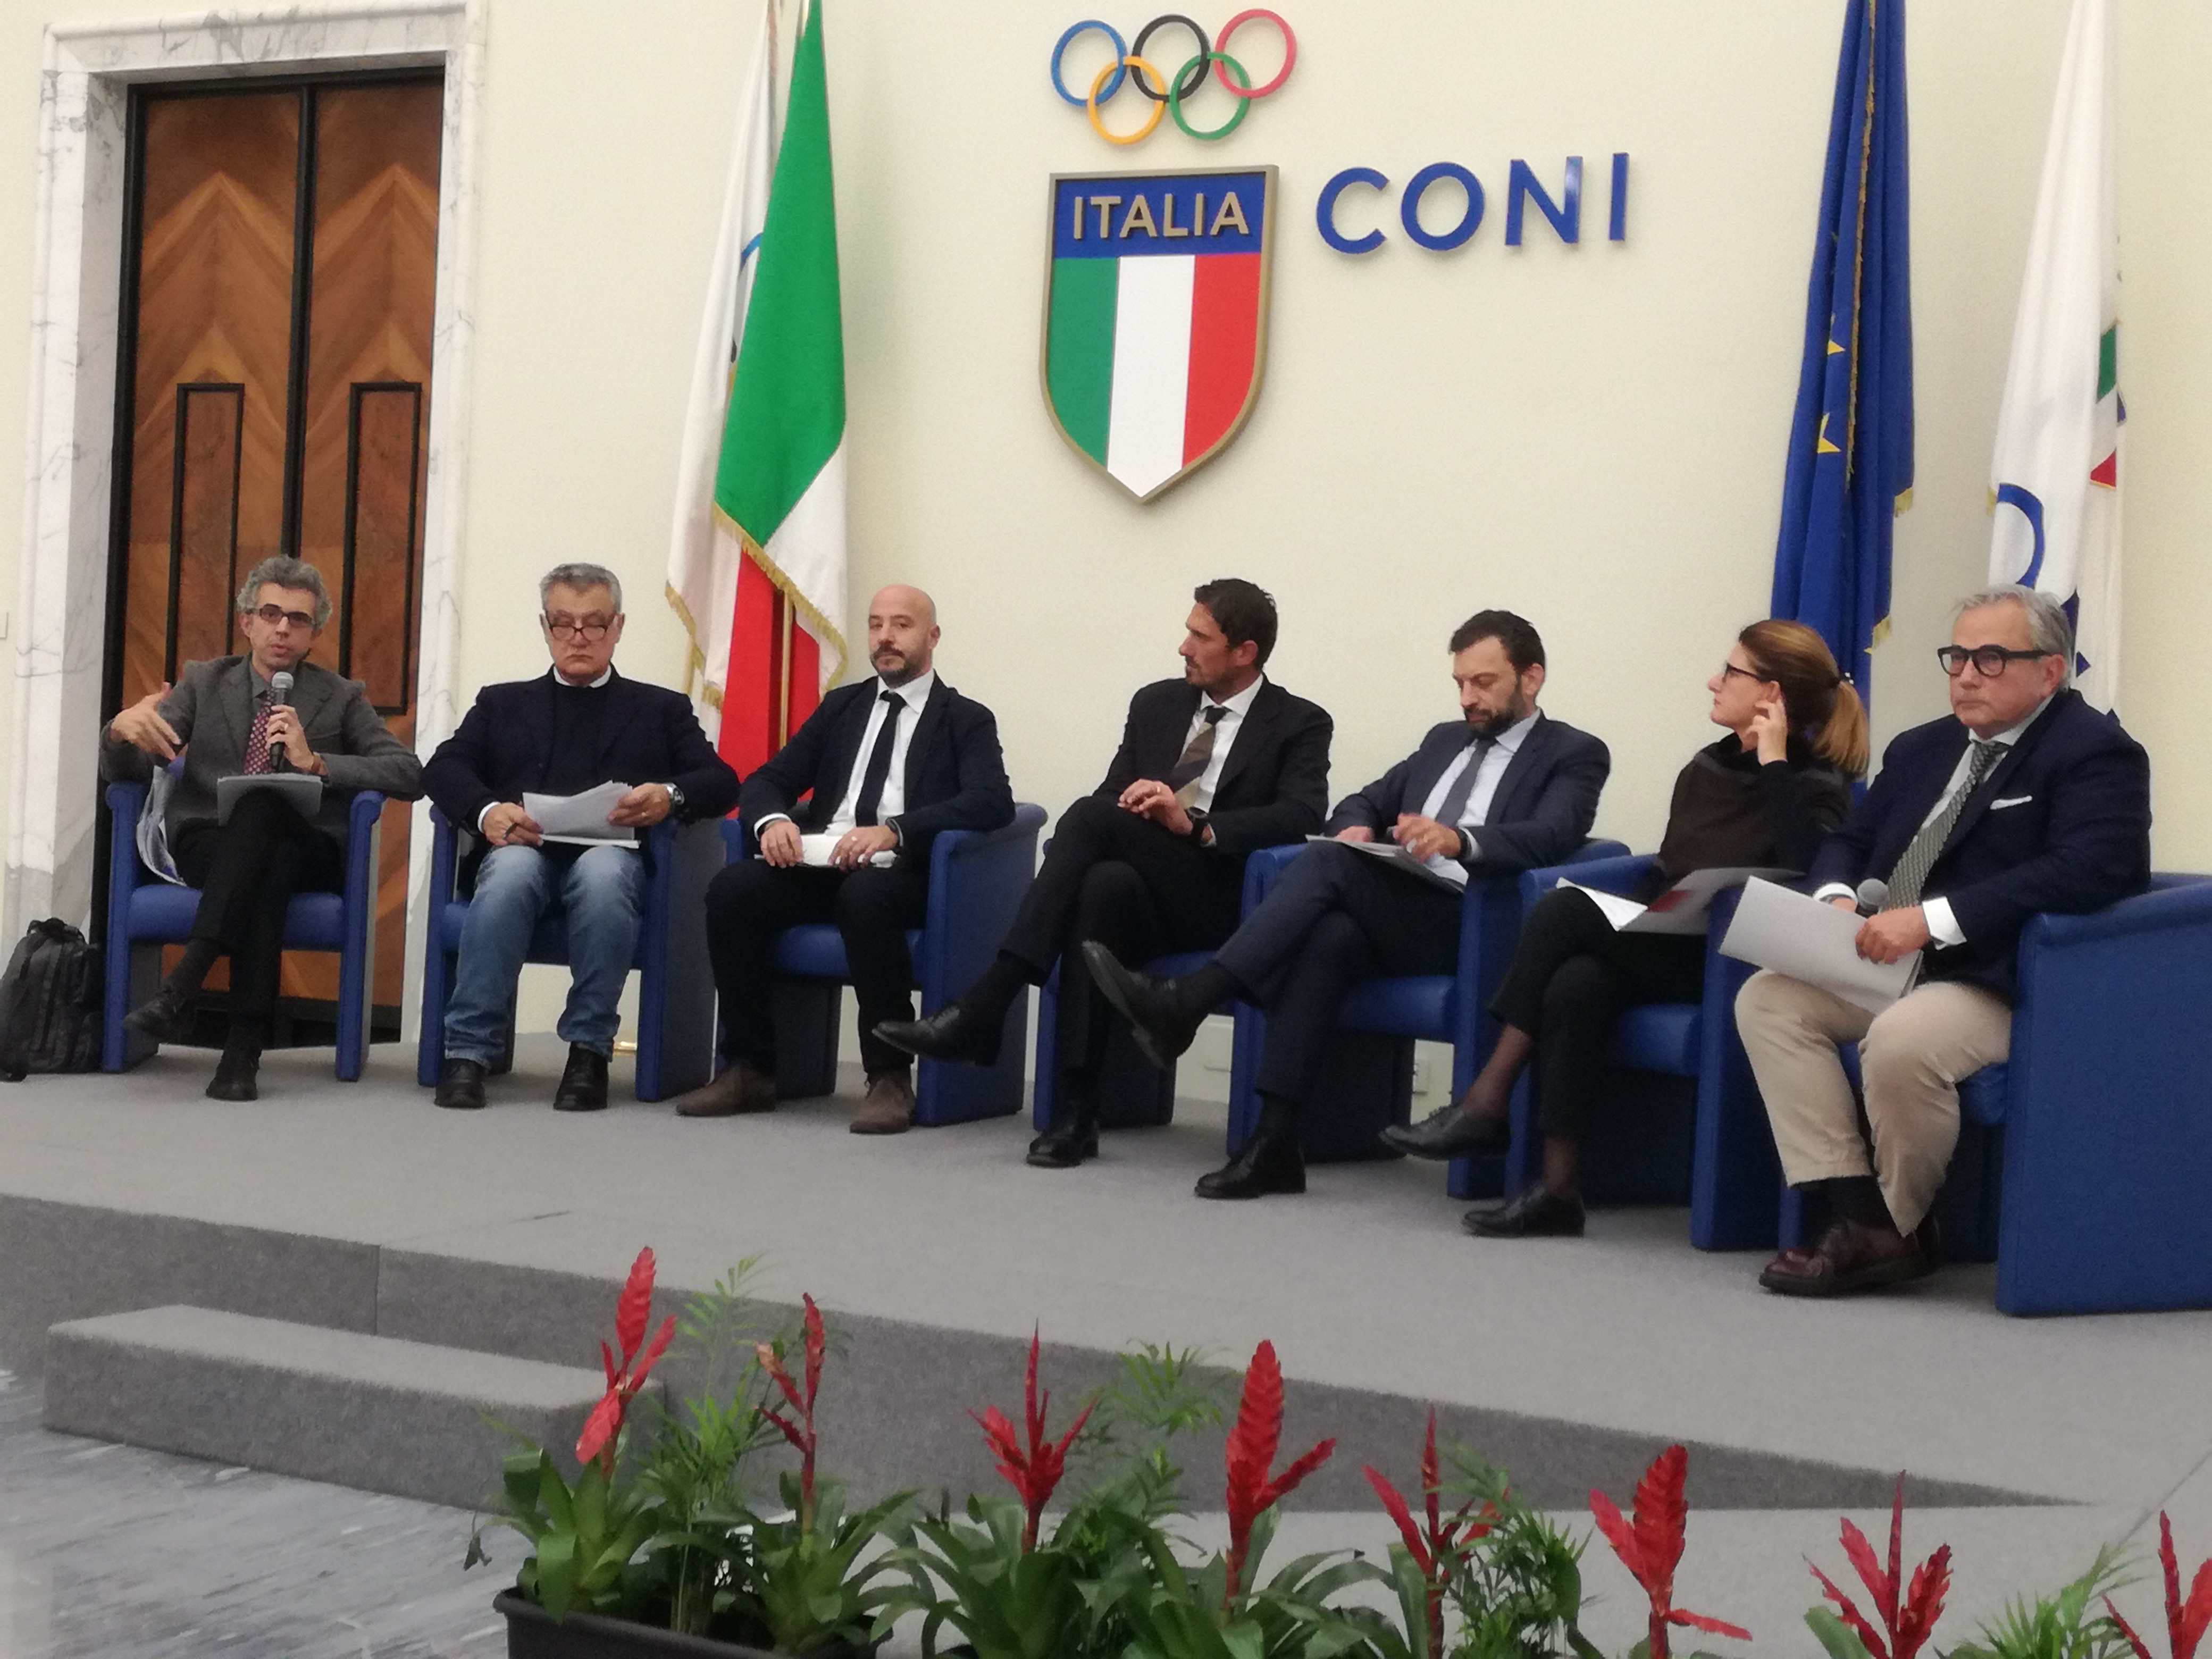 tavolo relatori al convegno CONI